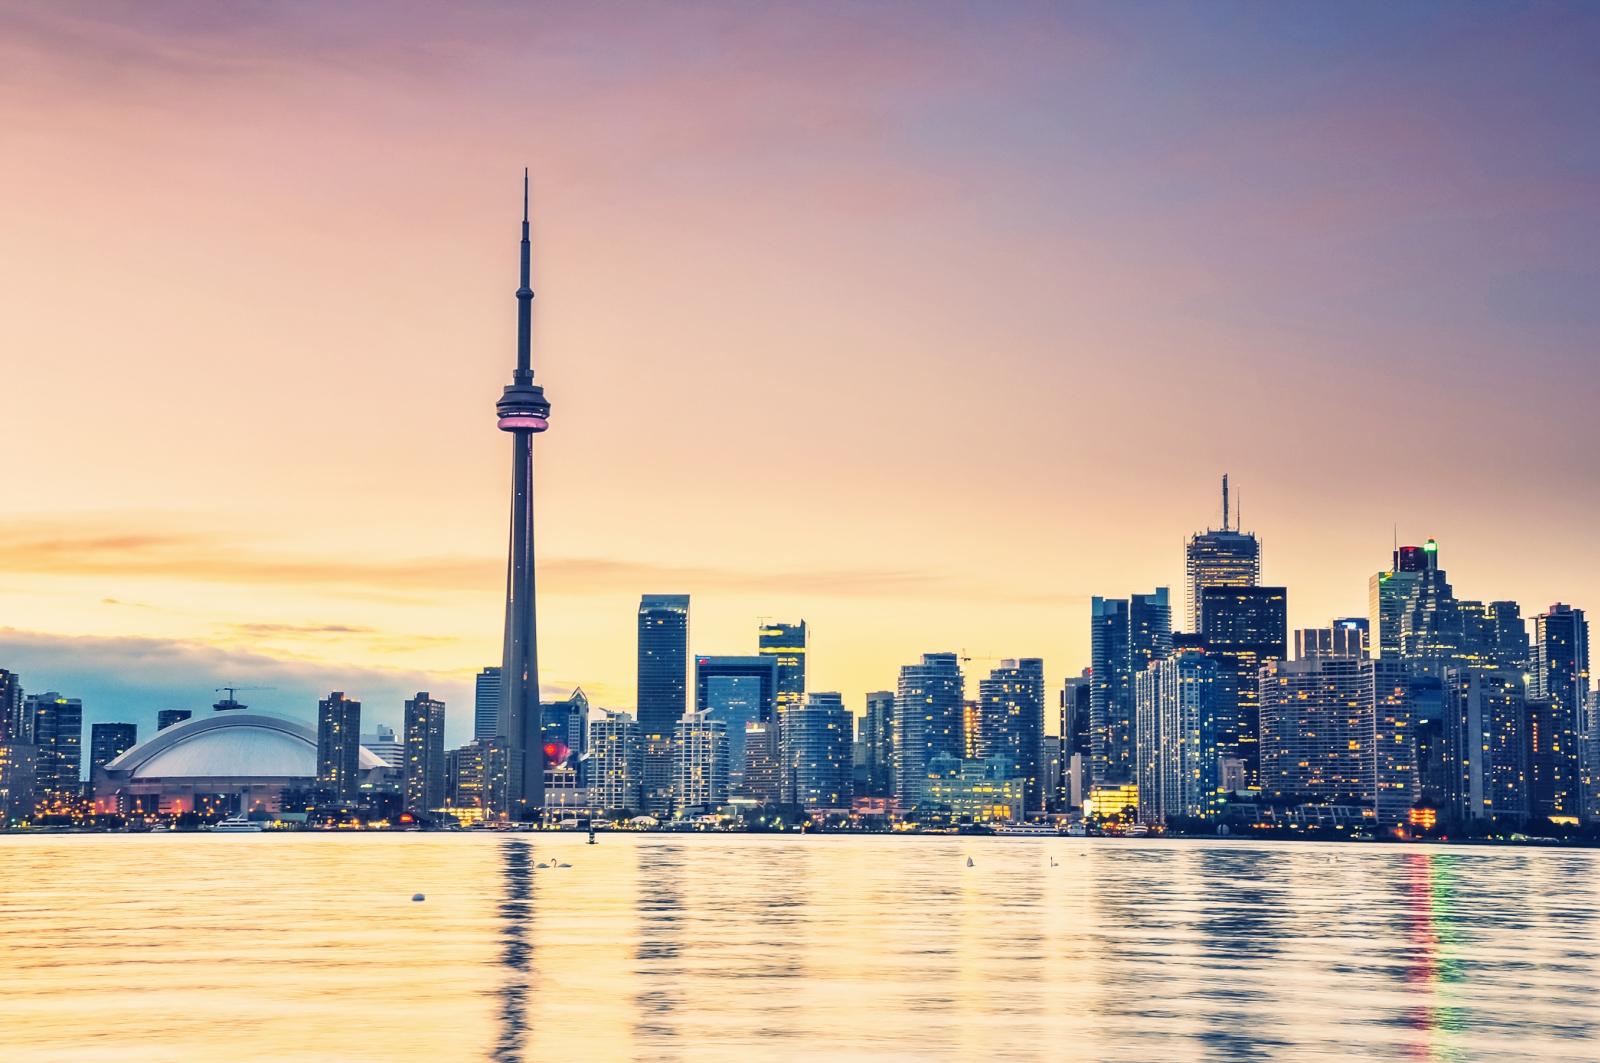 Toronto abends erleben: Bootstour mit Blick auf die Skyline in der Abenddämmerung